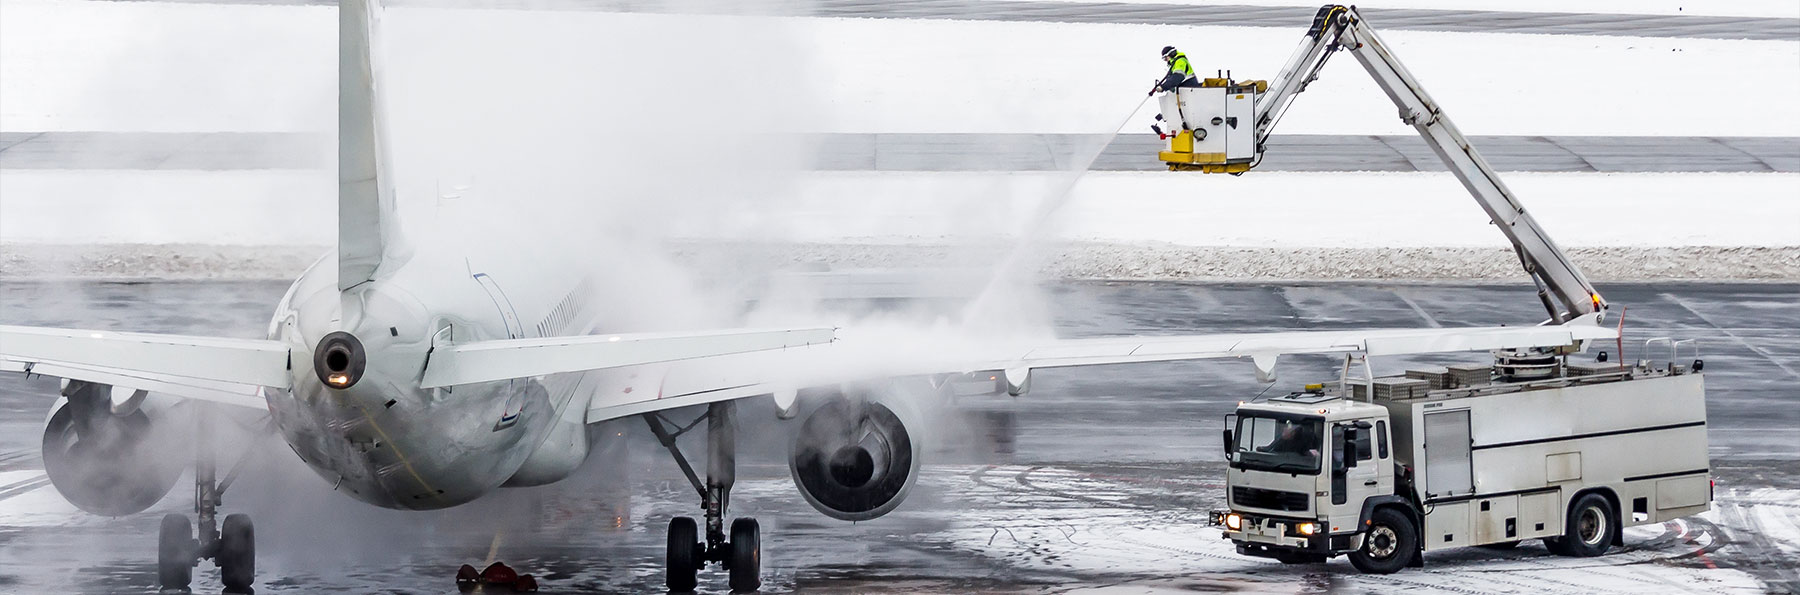 digital-transformation-aviation-industry